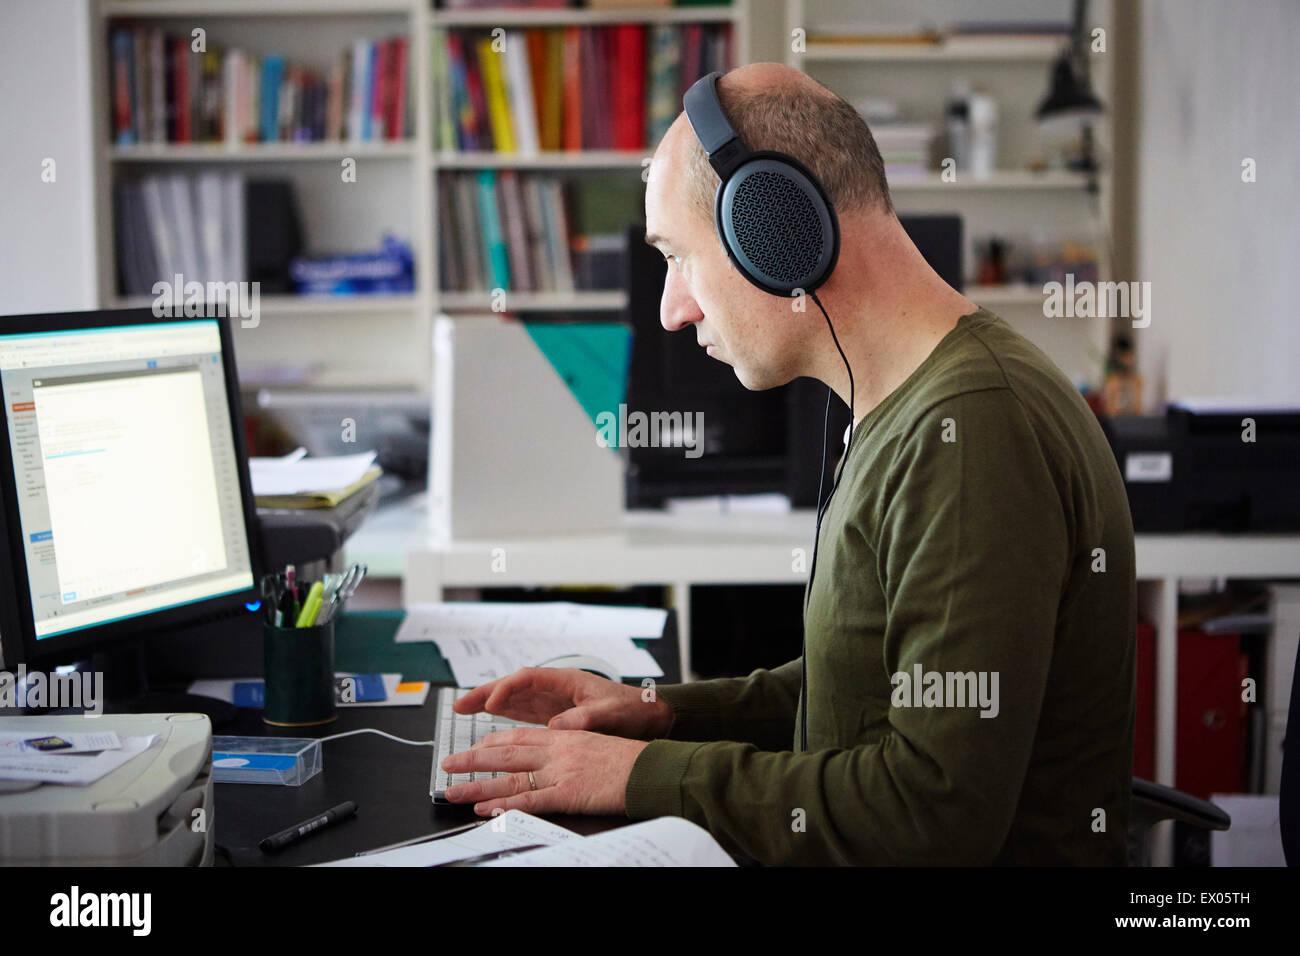 Hombre maduro trabajan en creative studio usando audífonos Imagen De Stock